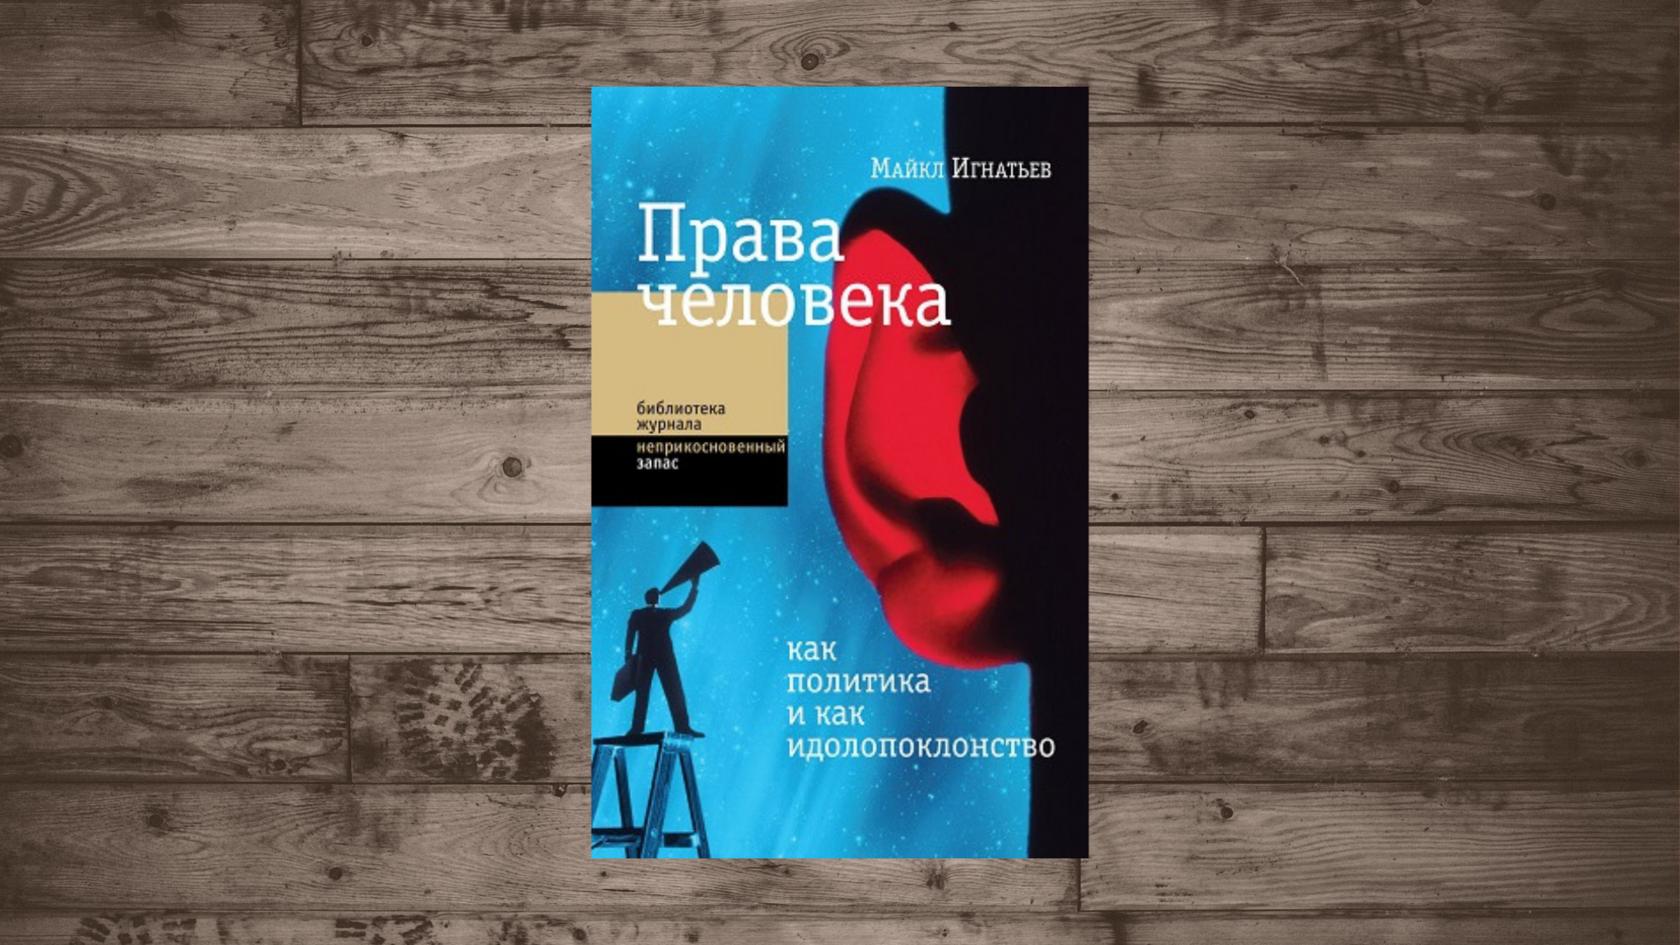 Купить книгу Майкл Игнатьев «Права человека как политика и как идолопоклонство»